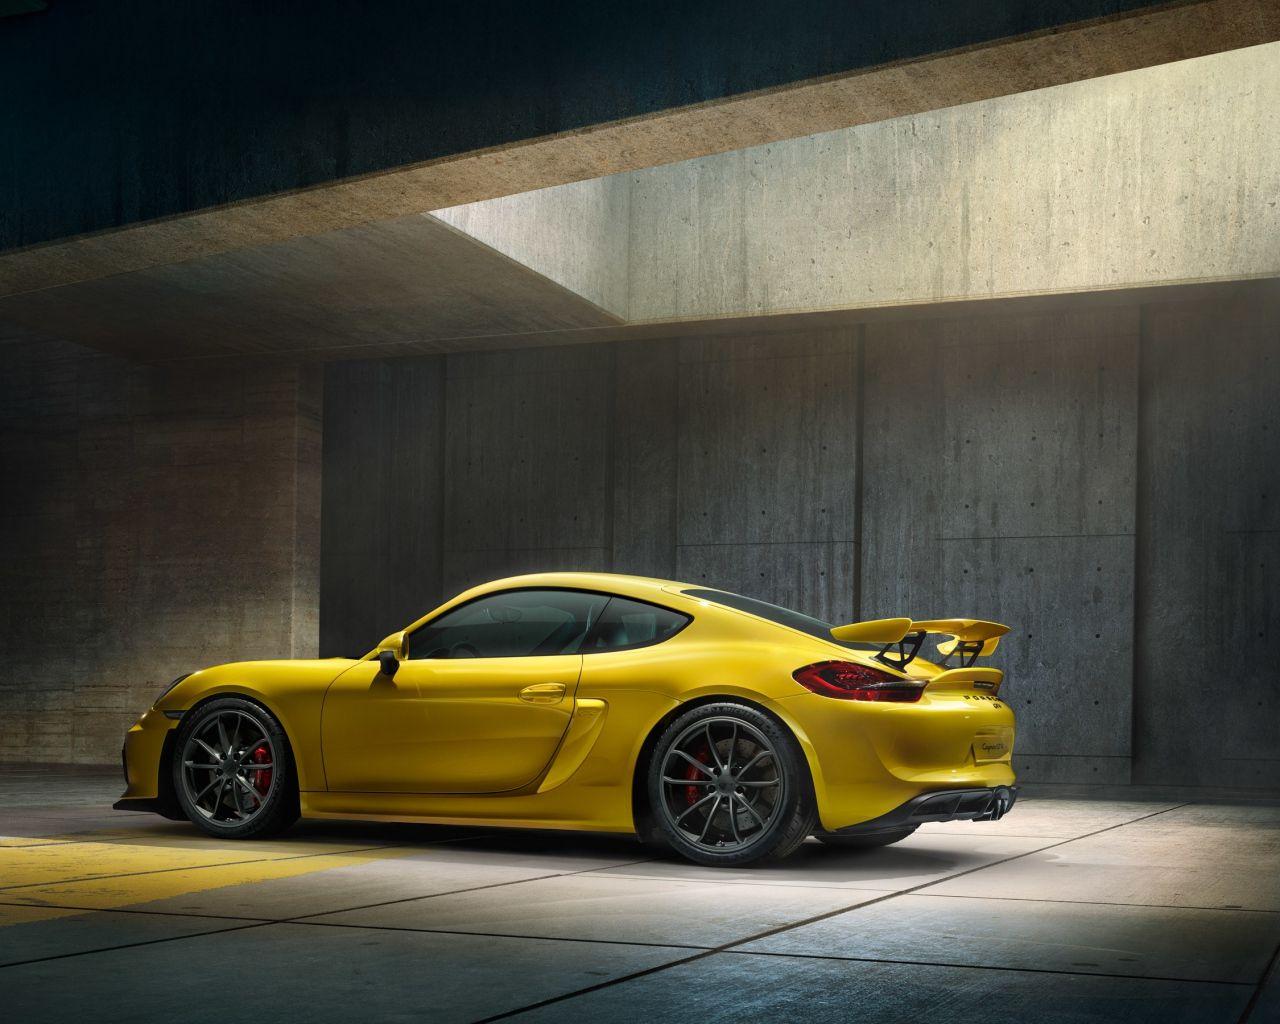 1280x1024 Wallpaper Porsche Cayman Gt4 Yellow Side View Cayman Gt4 Porsche New Porsche